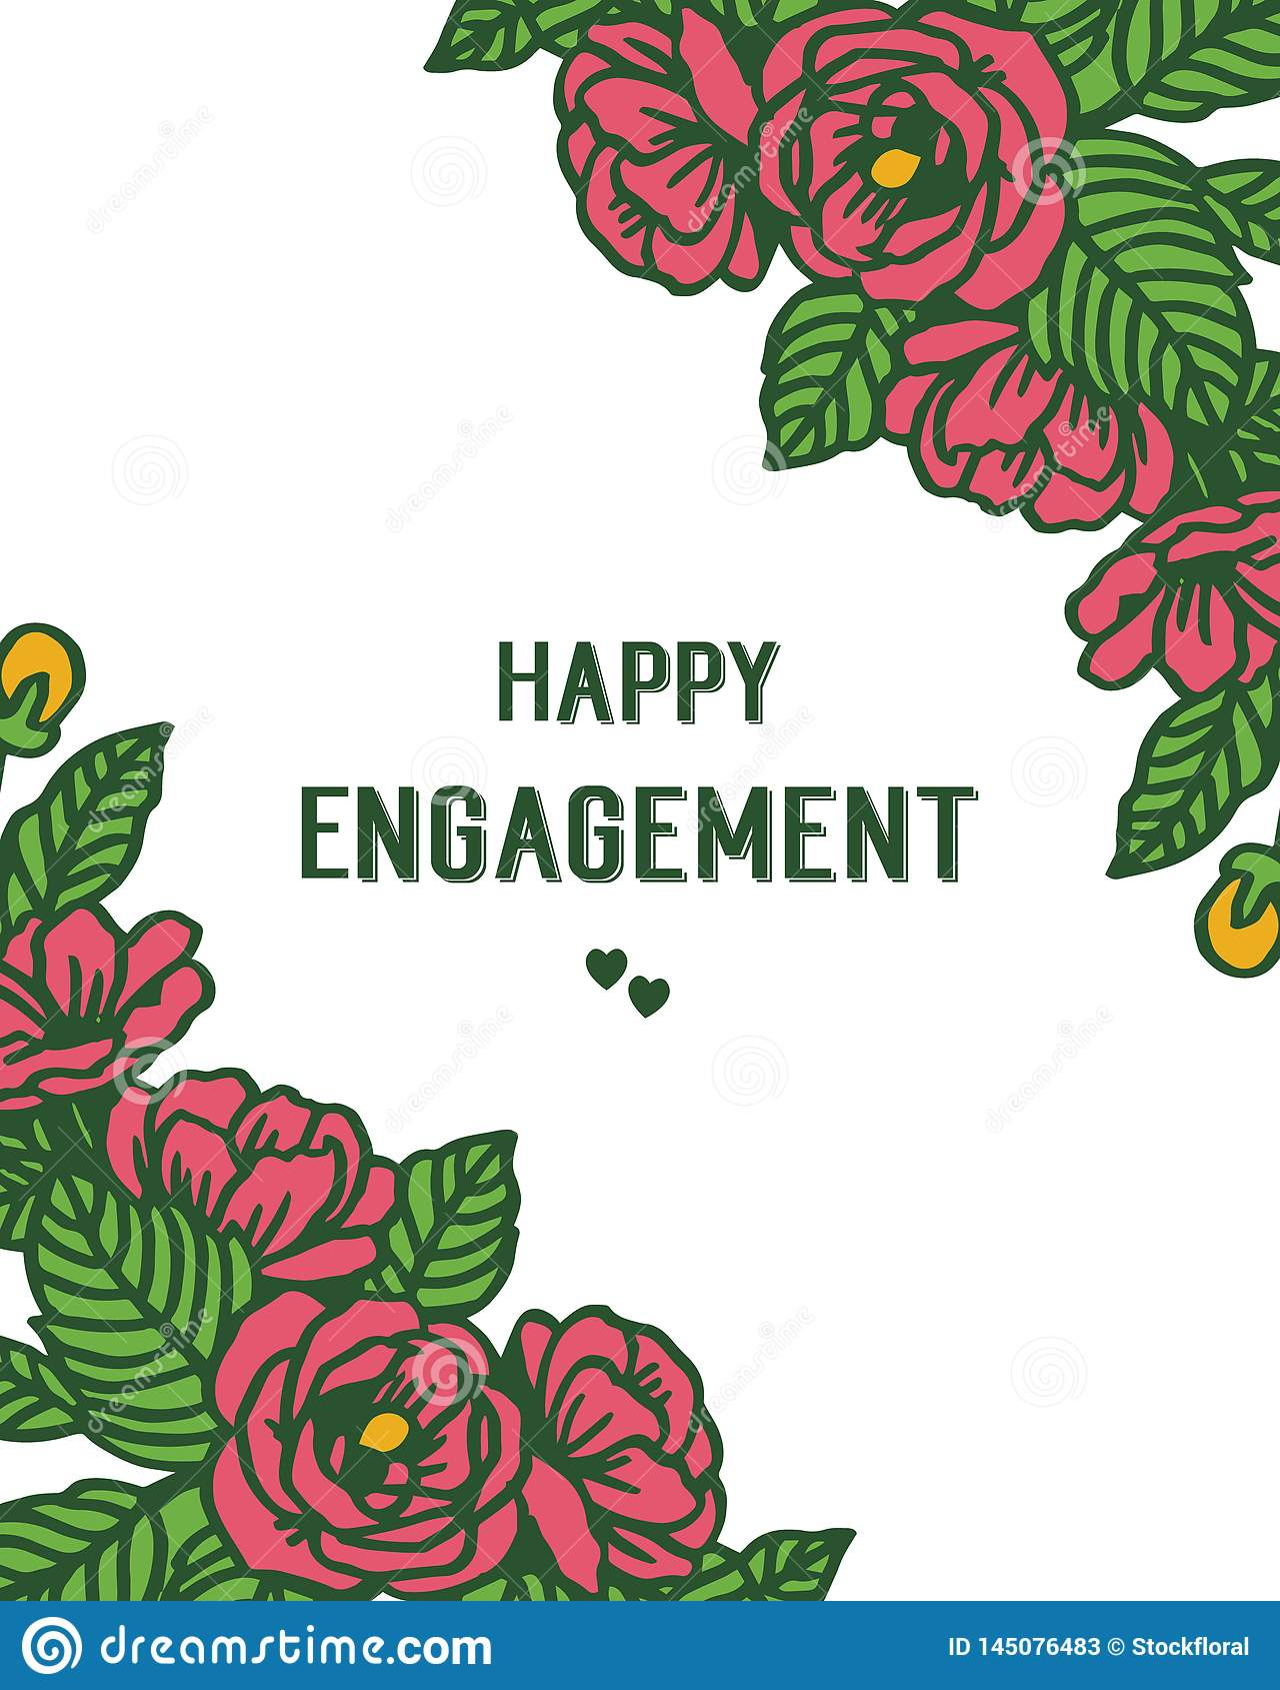 传染媒介愉快的订婚例证花束与设计花圈框架的